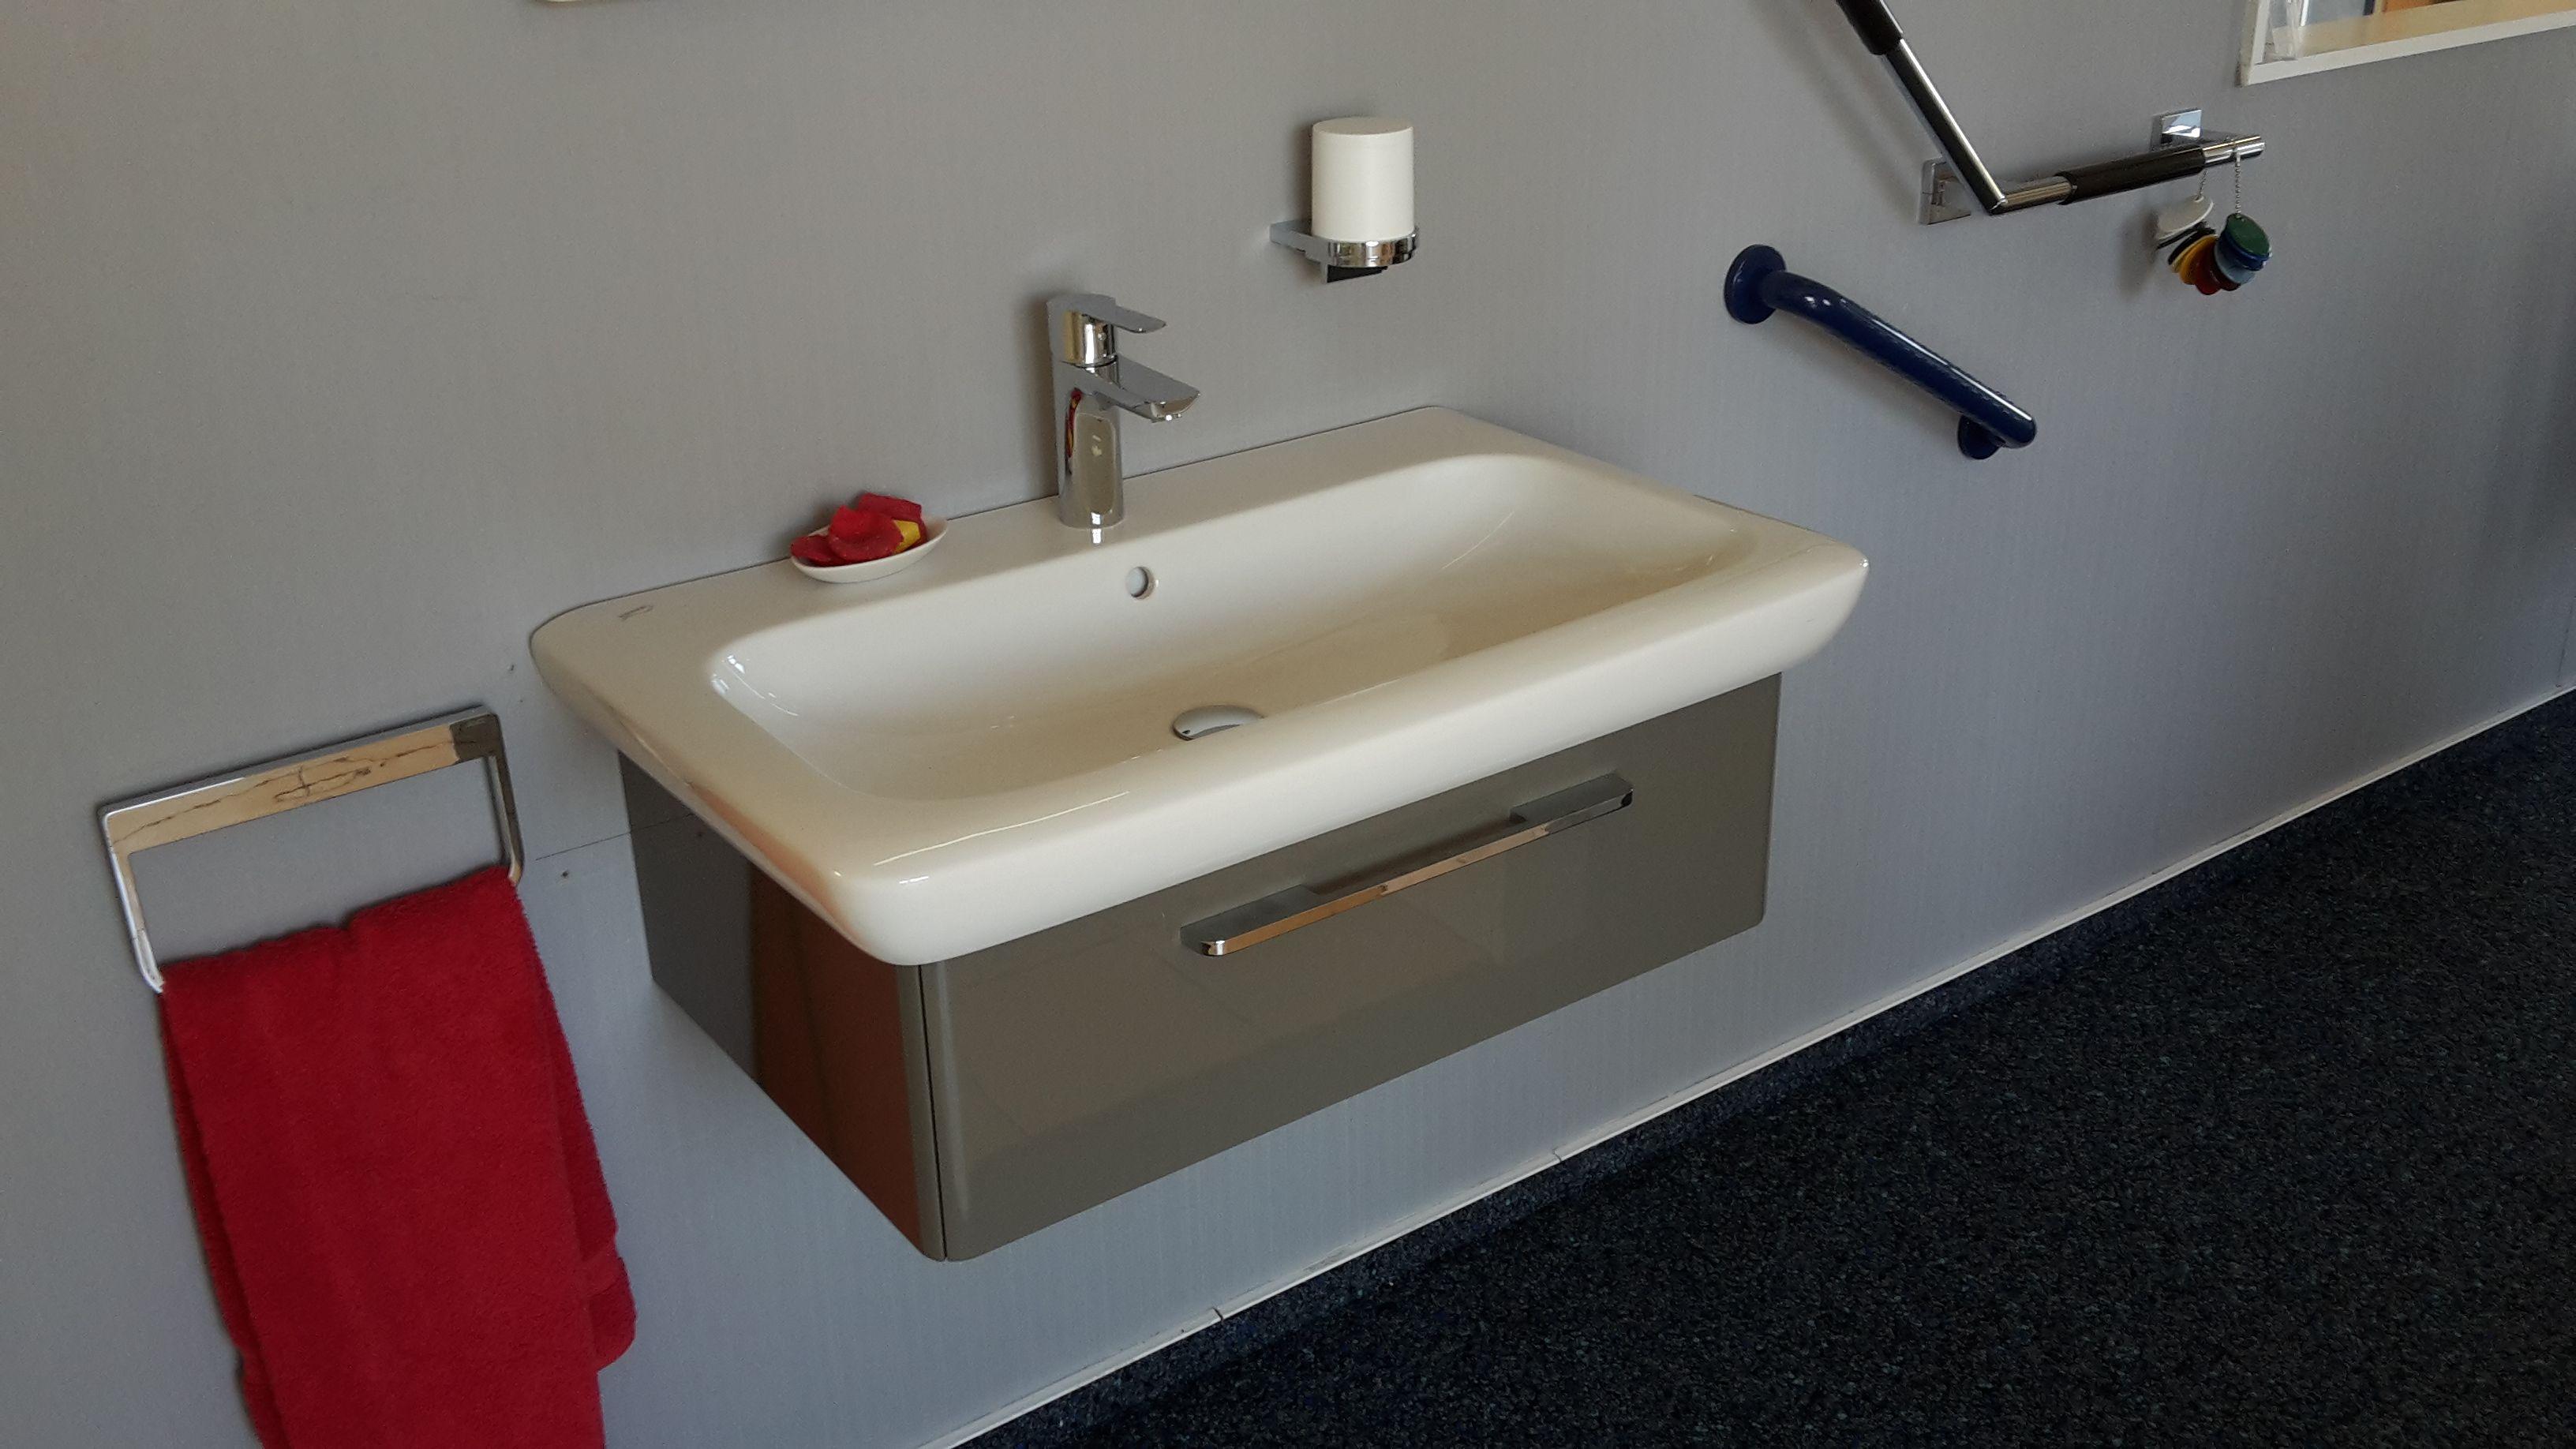 firma fritz sanit r fachhandel alles f r bad heizung. Black Bedroom Furniture Sets. Home Design Ideas